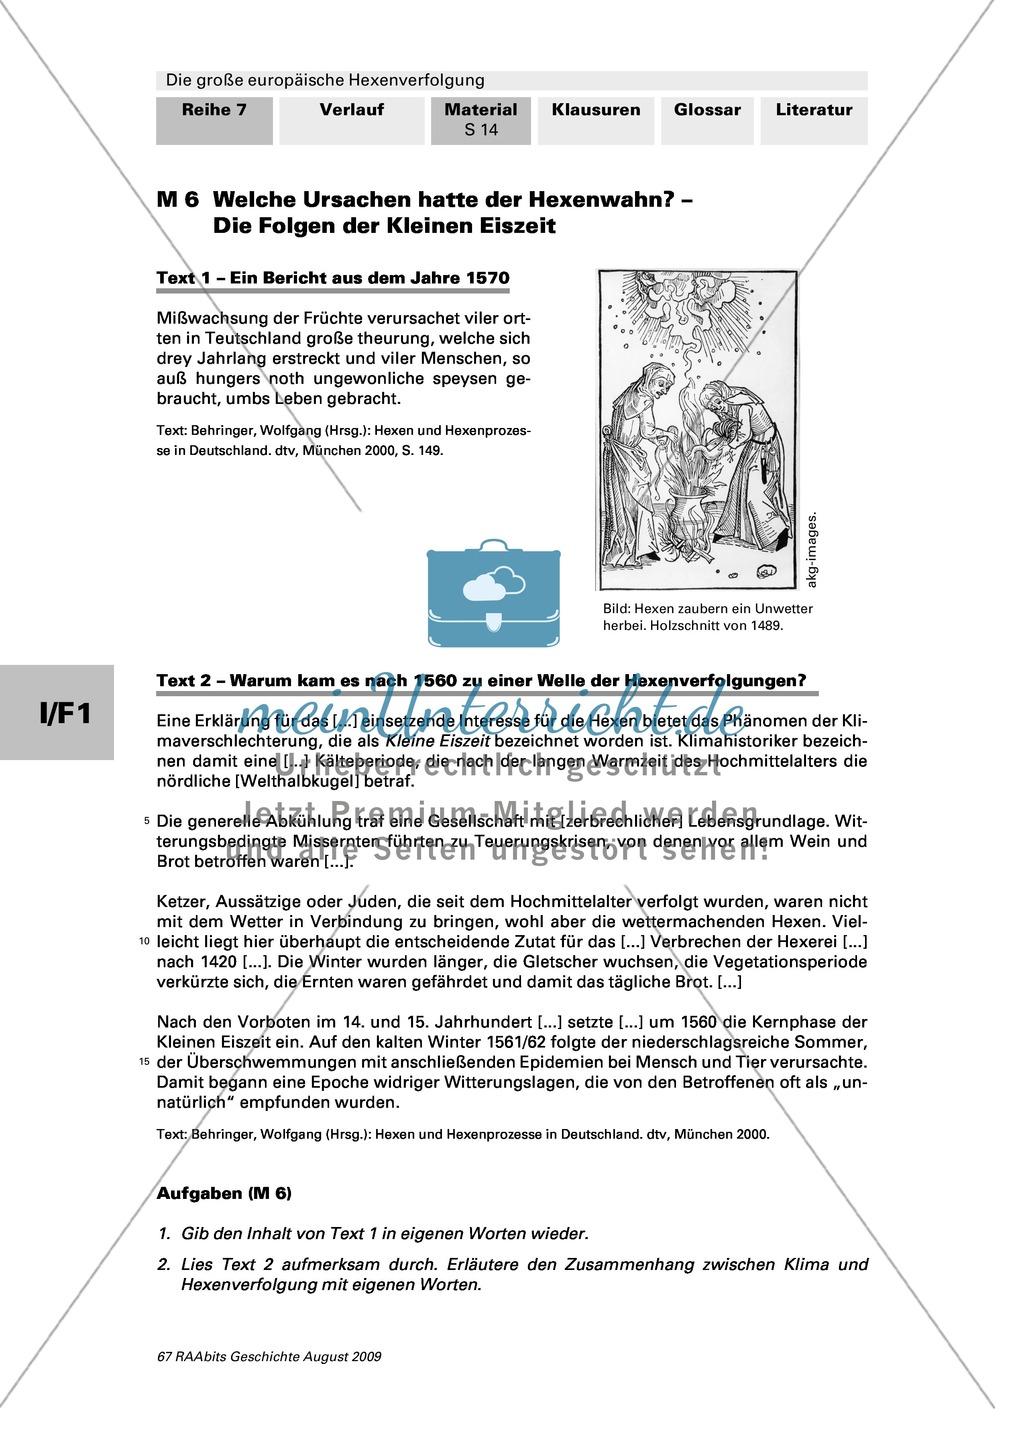 Die große europäische Hexenverfolgung: Ursachen des Hexenwahns + Strafen der Frühen Neuzeit Preview 0